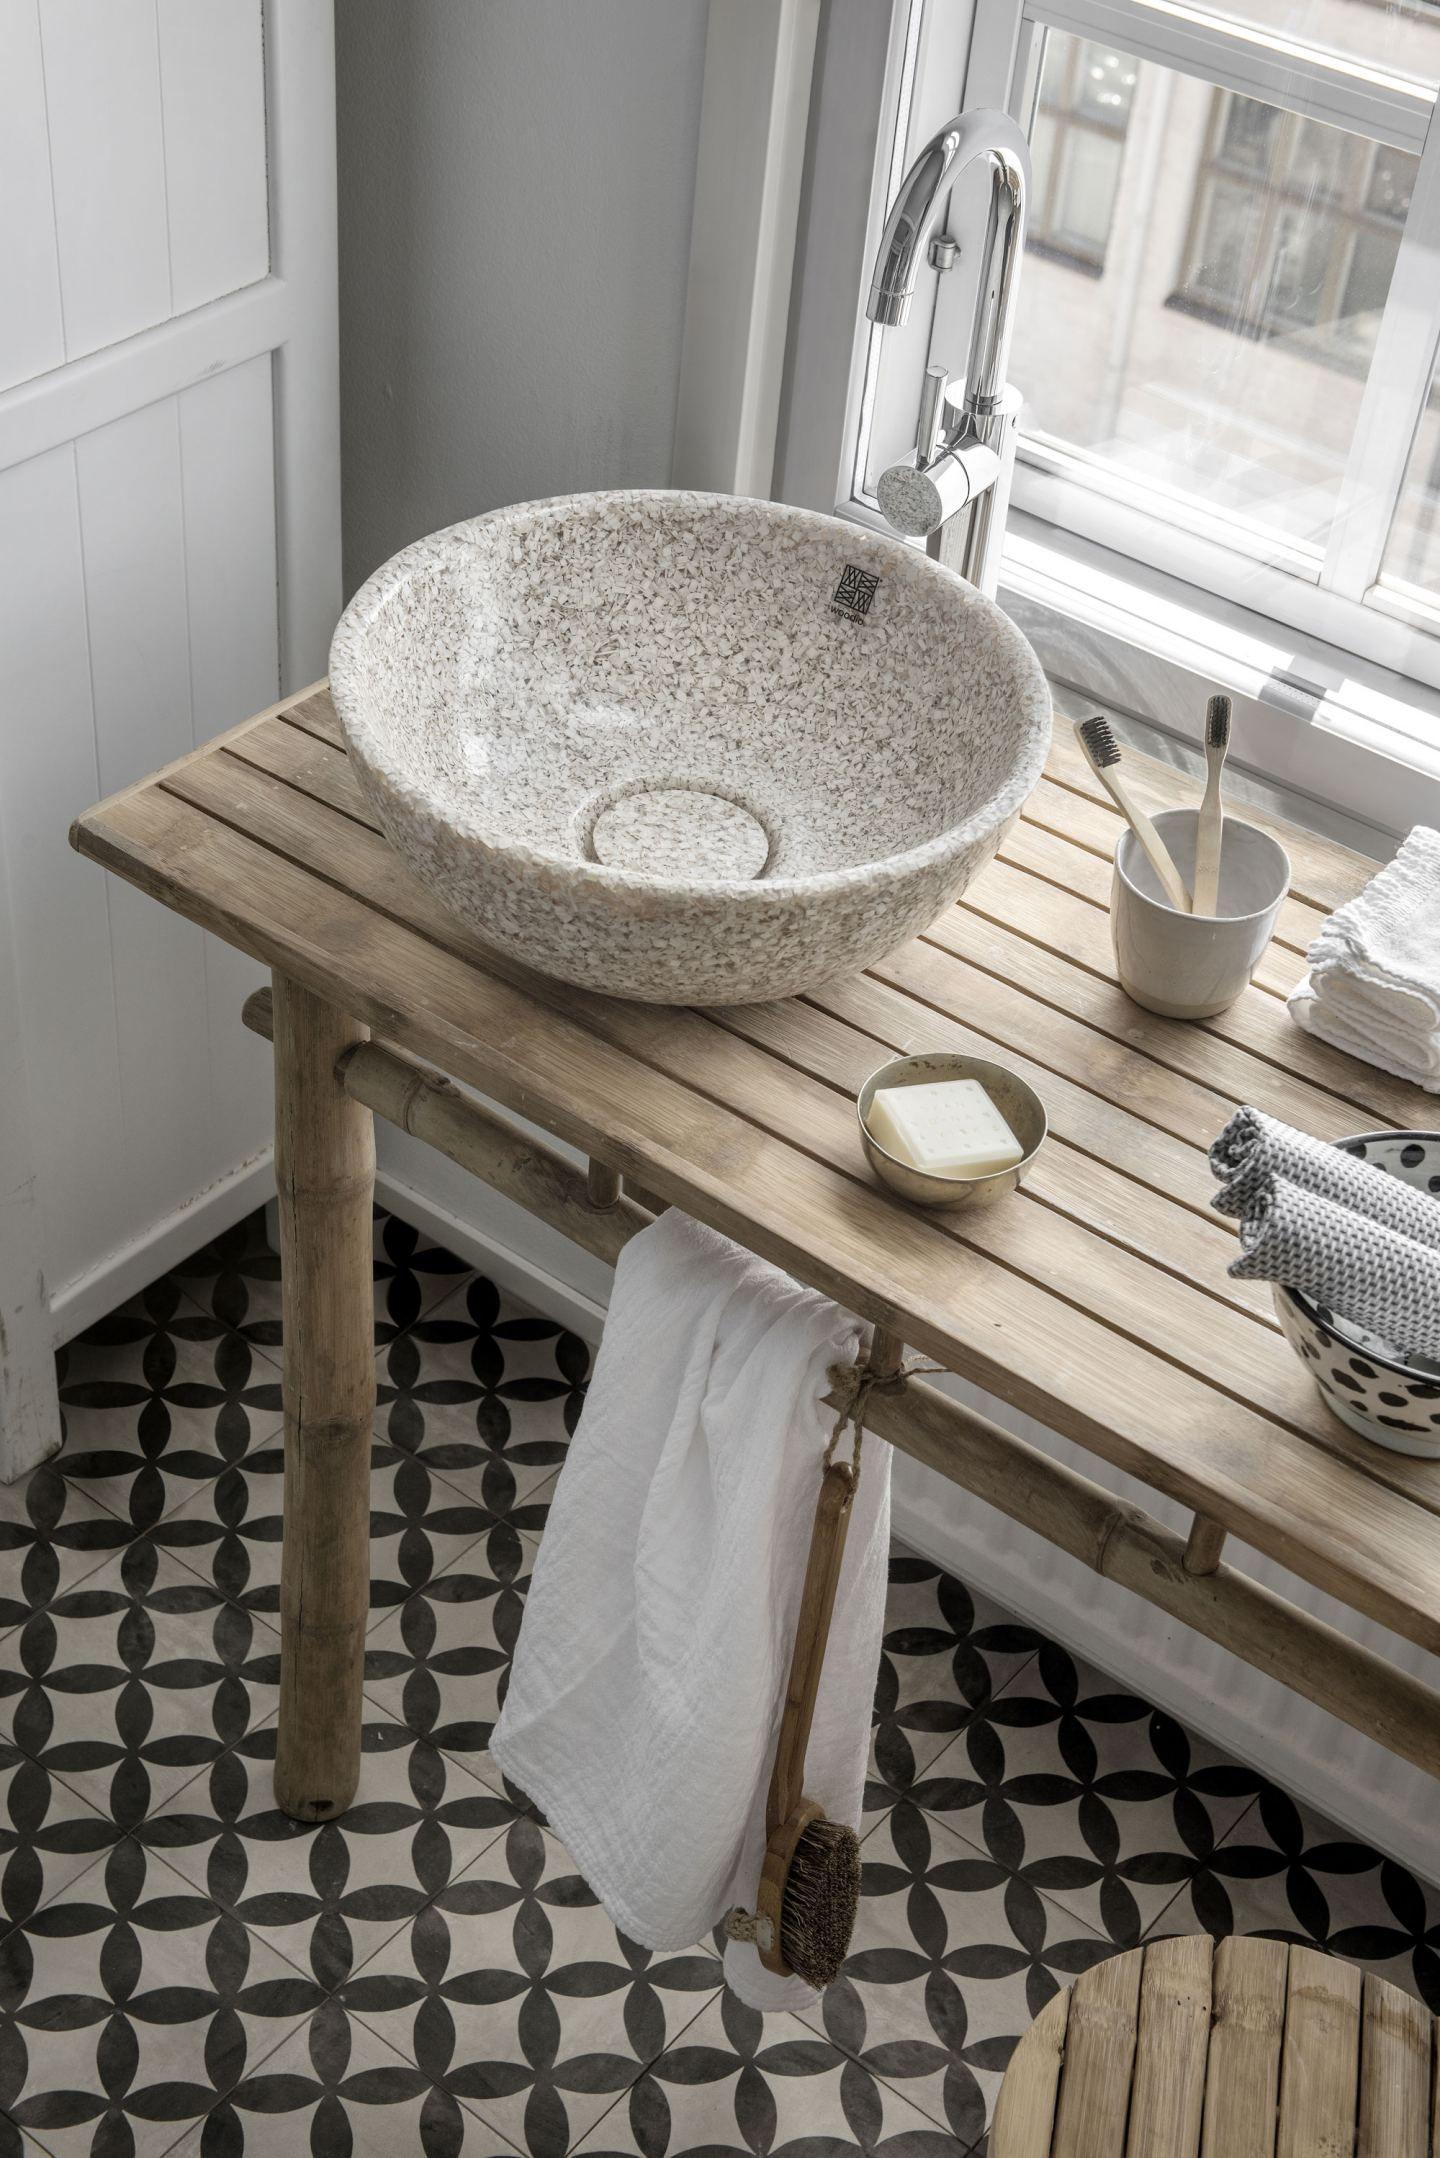 100 Waterproof Wood Composite Sanitaryware How To Waterproof